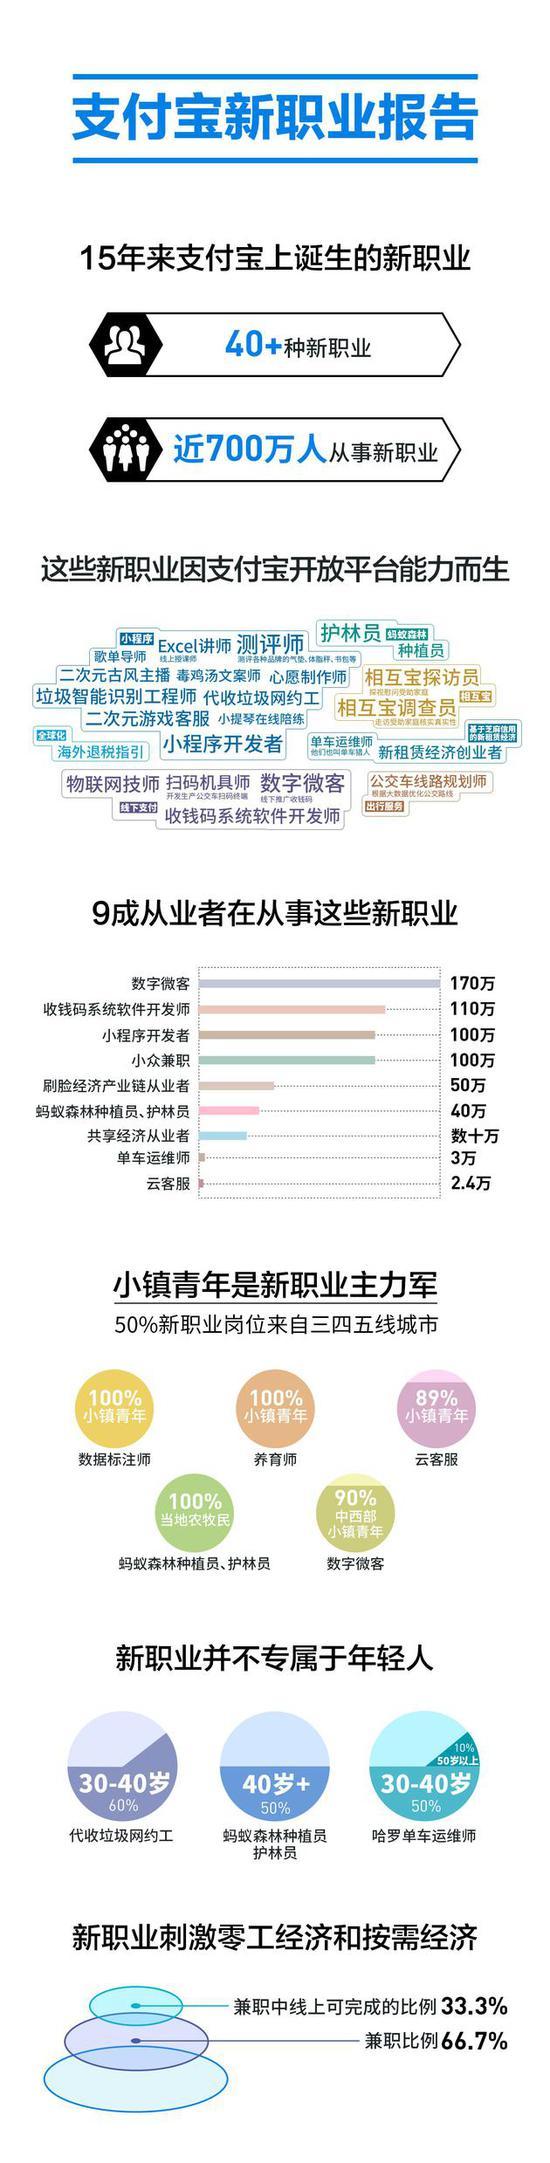 支付宝成立15年: 近700万人从事40余种新职业_金融_电商报